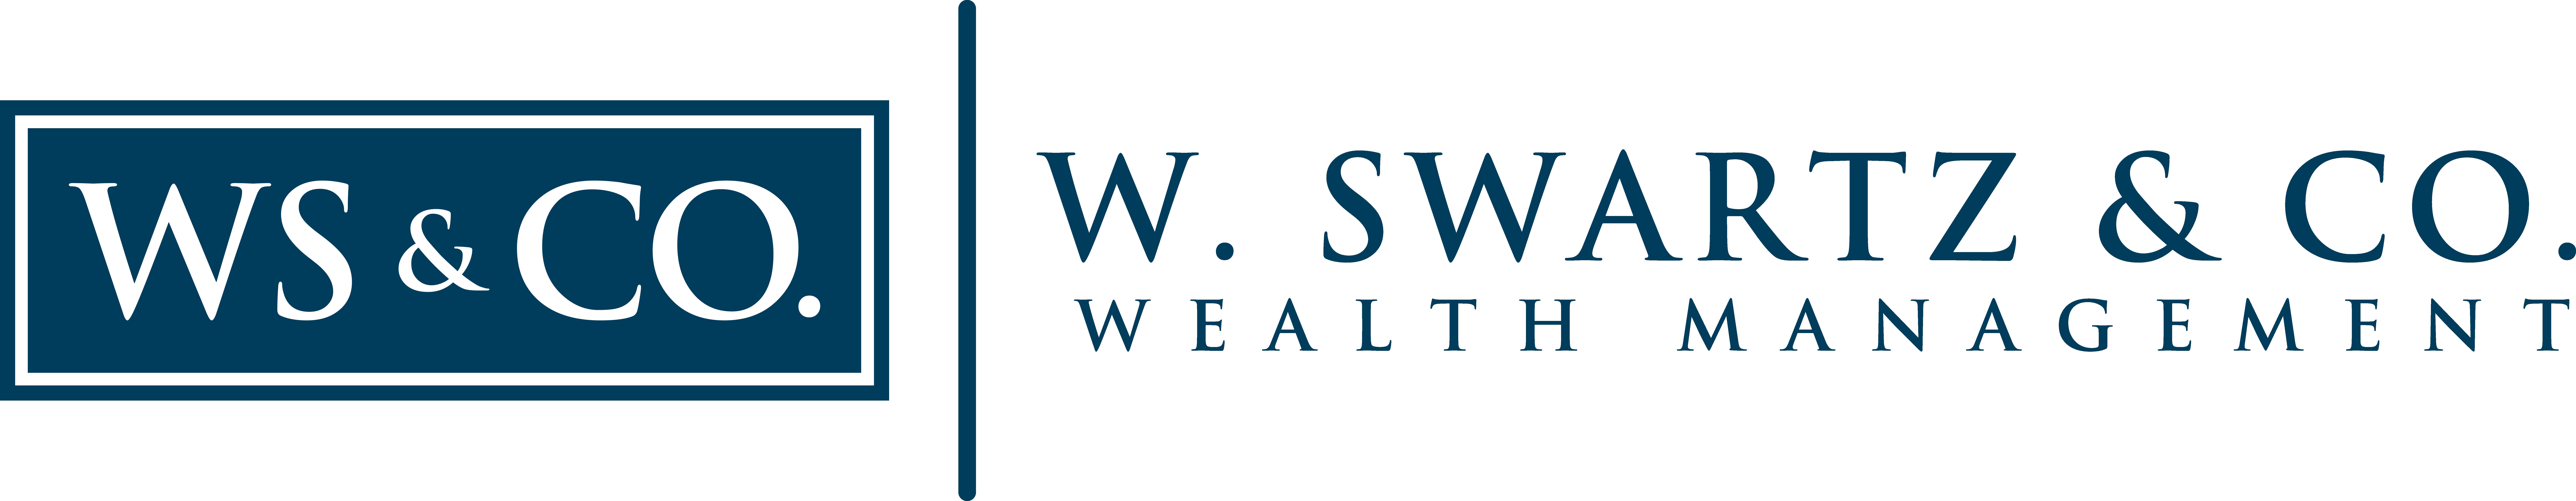 ws_co_logo